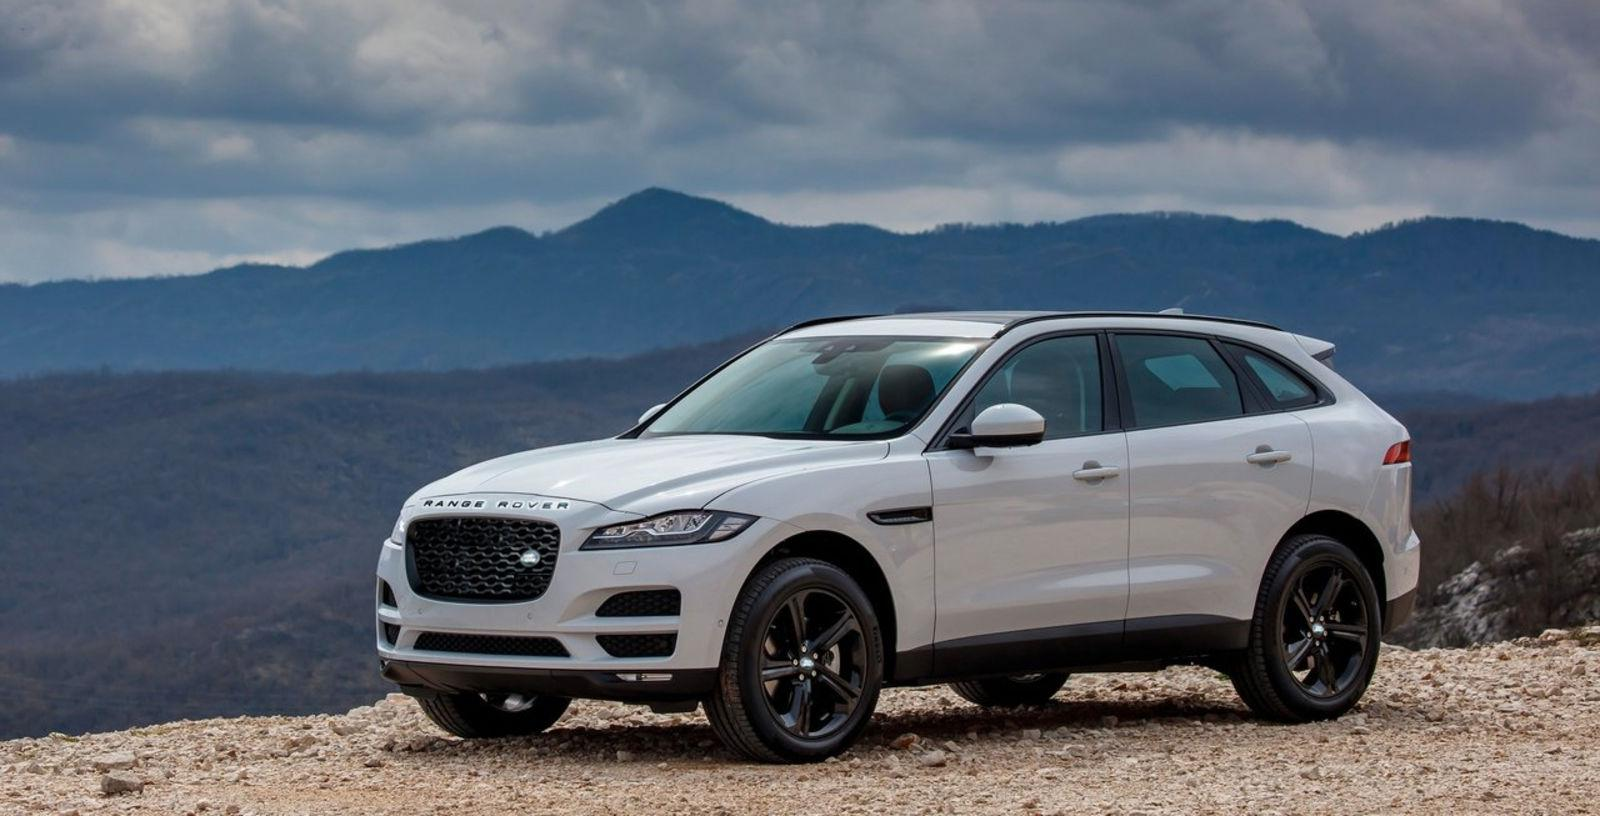 El lujo se traslada a este SUV, siendo el cuarto modelo de Range Rover donde aparece un diseño exclusivo y toda la tecnología actual aplicada.